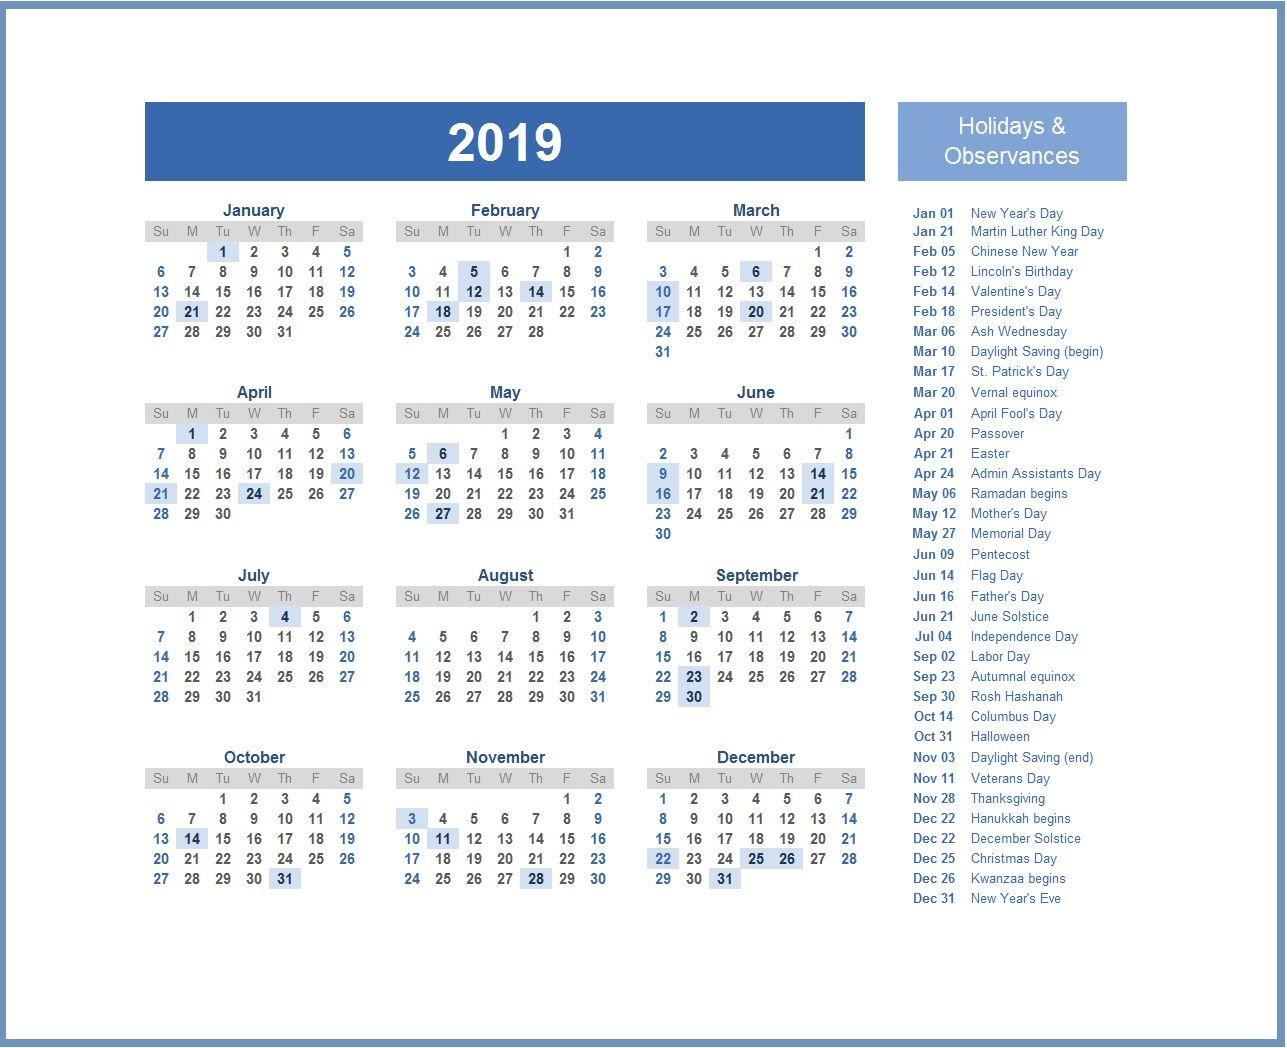 2019 Monthly Usa Holidays Calendar Holiday Calendar Usa